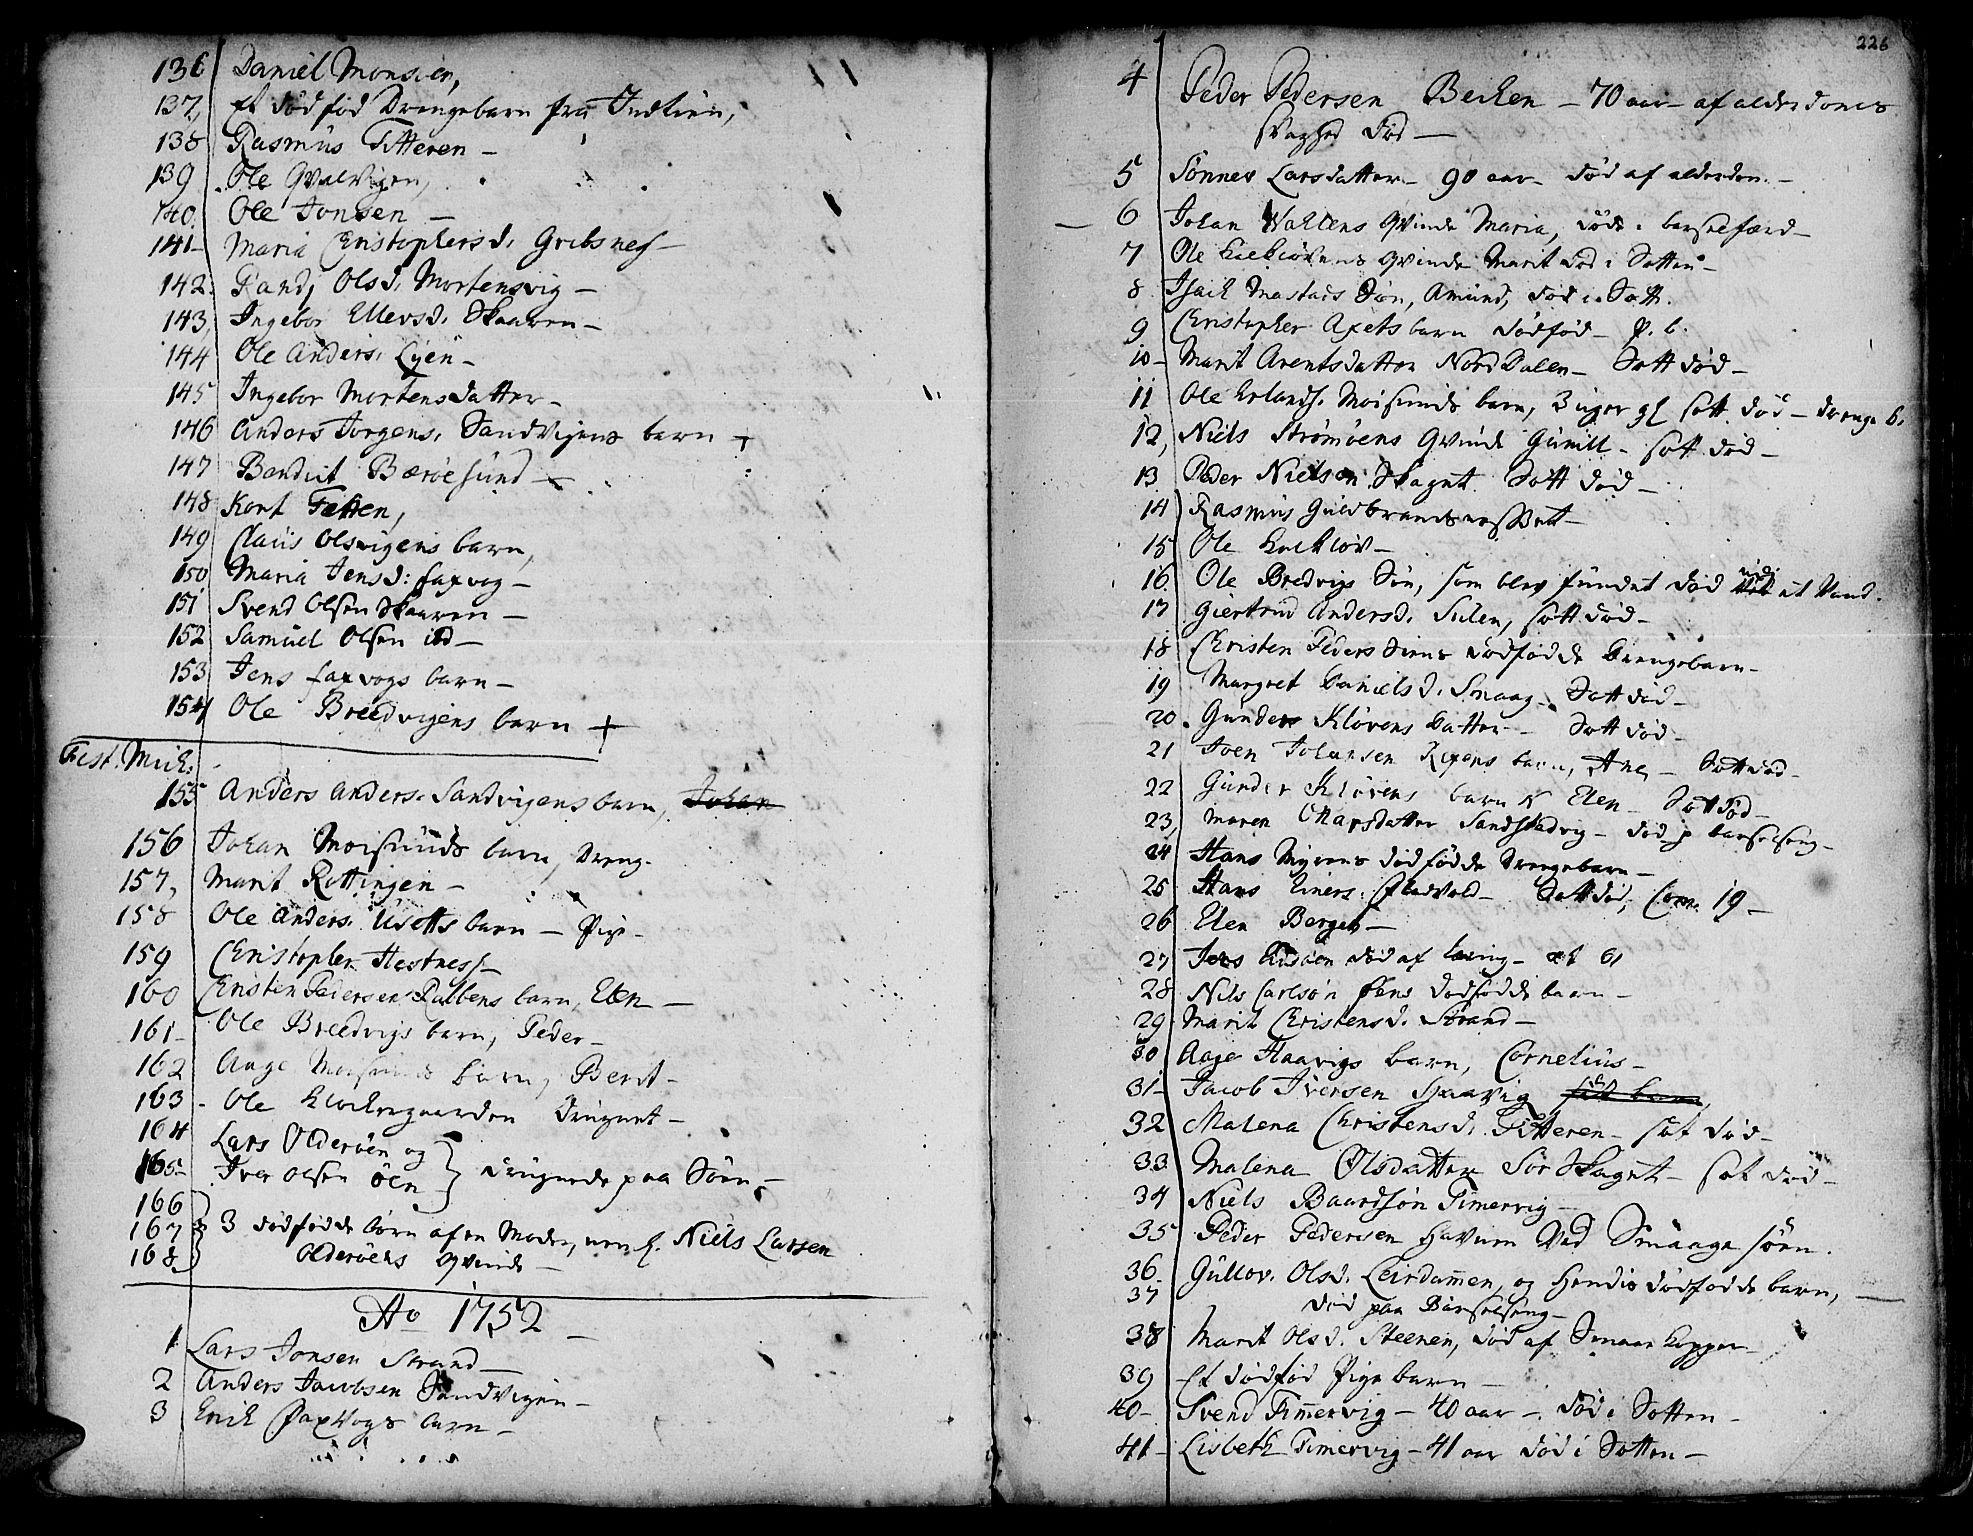 SAT, Ministerialprotokoller, klokkerbøker og fødselsregistre - Sør-Trøndelag, 634/L0525: Ministerialbok nr. 634A01, 1736-1775, s. 226